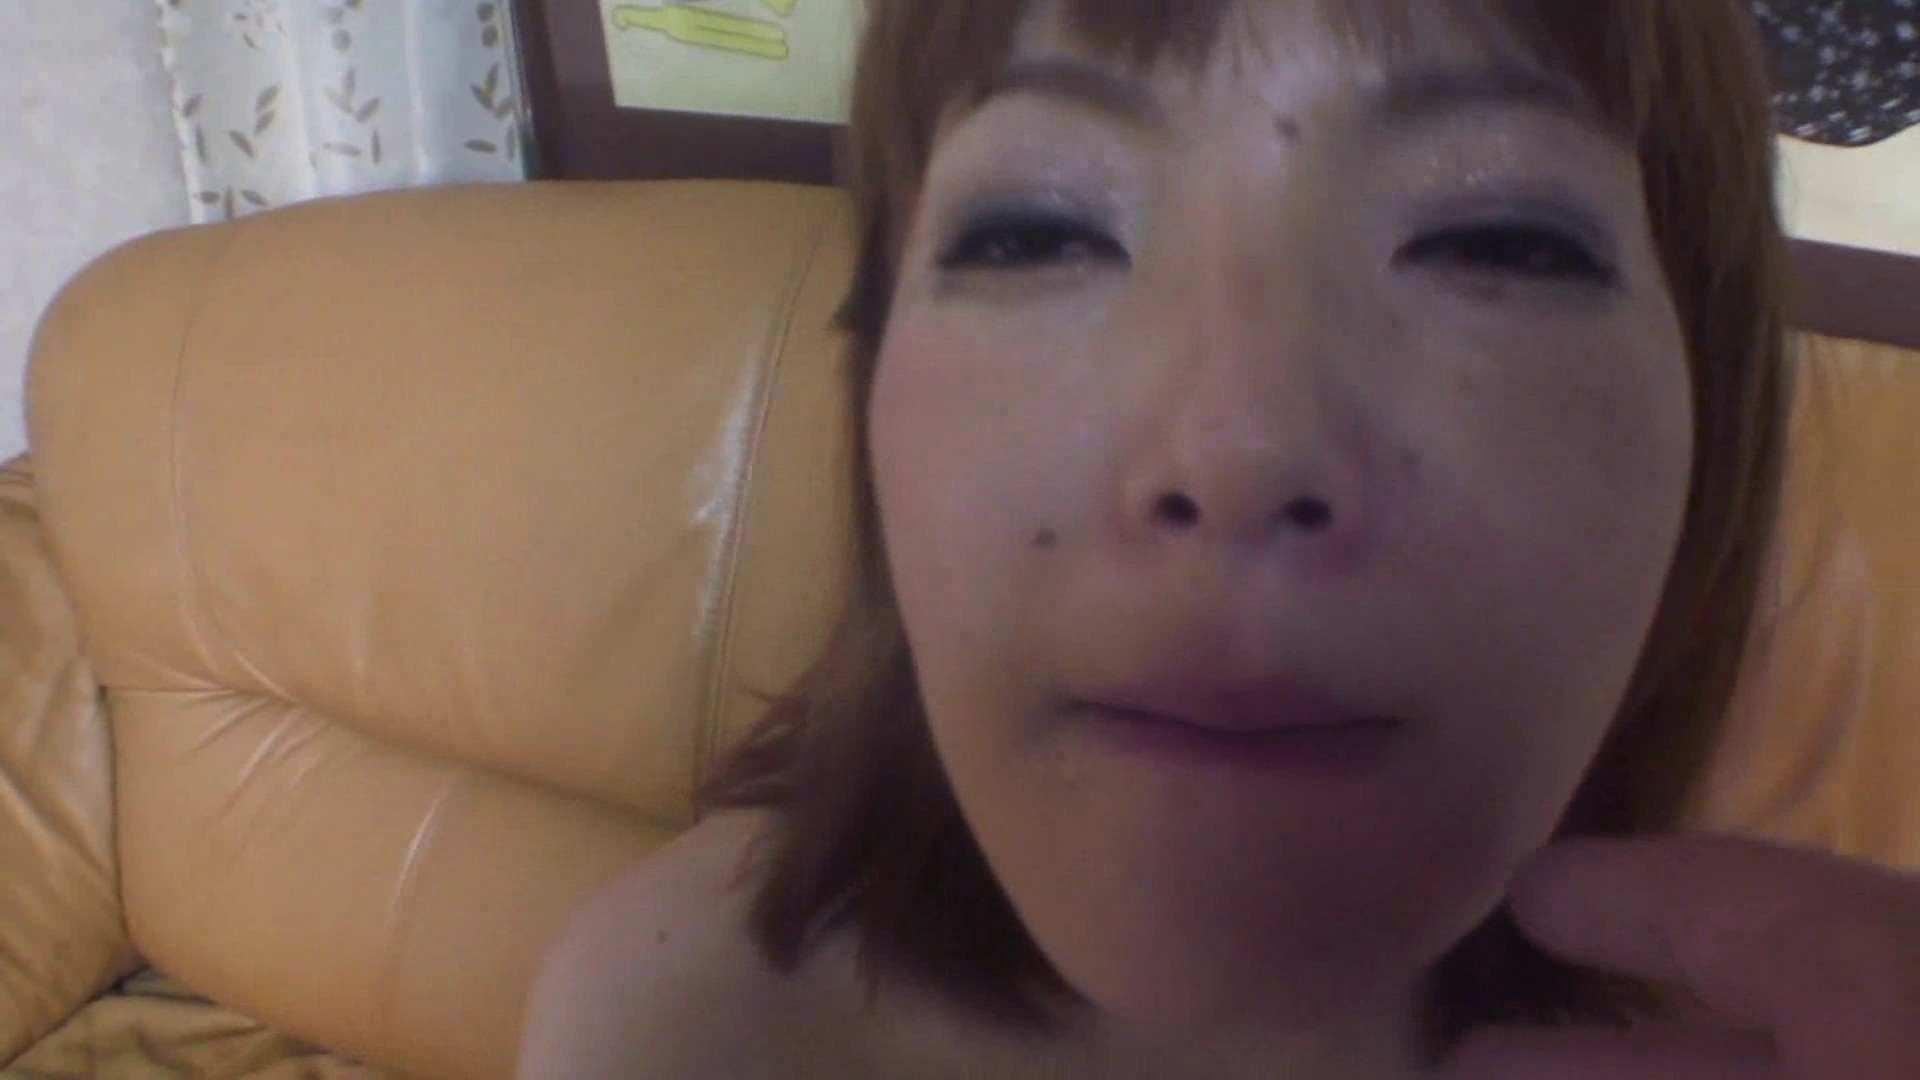 鬼才沖本監督 脱肛に悶絶する女 終章 アナル SEX無修正画像 96画像 23